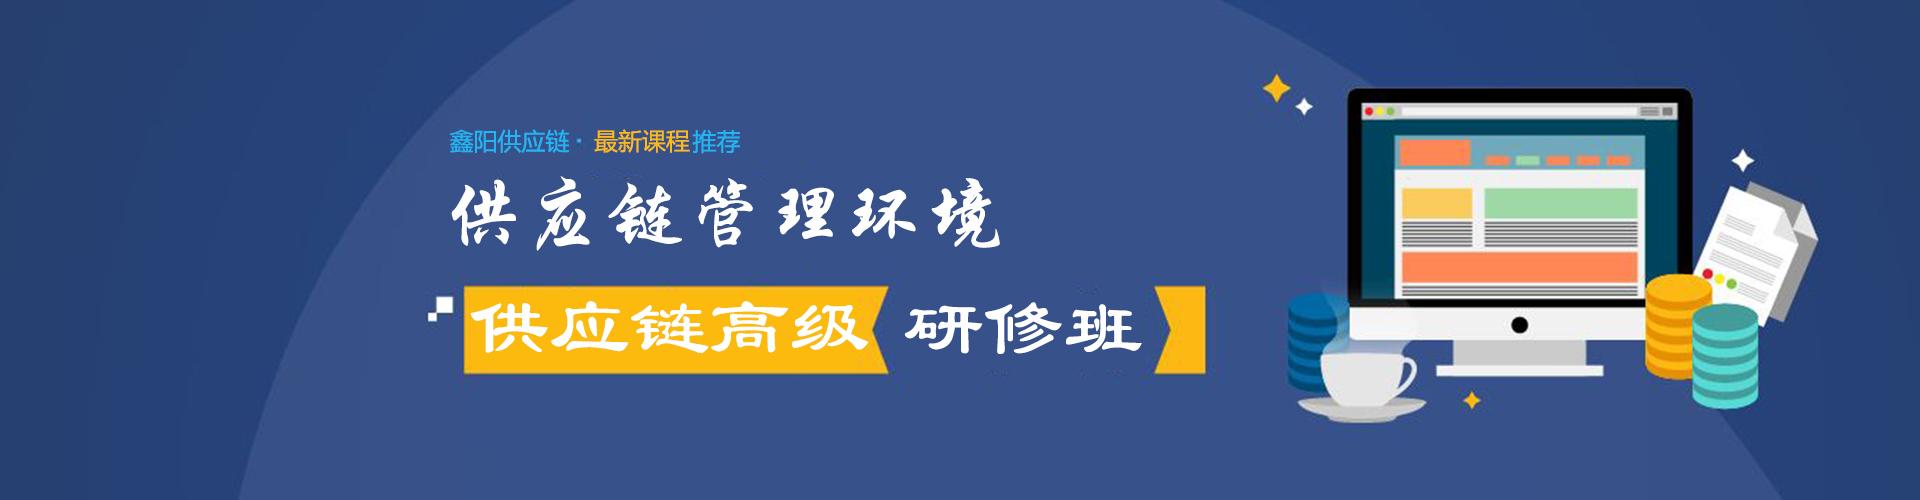 广东清华职业培训学校